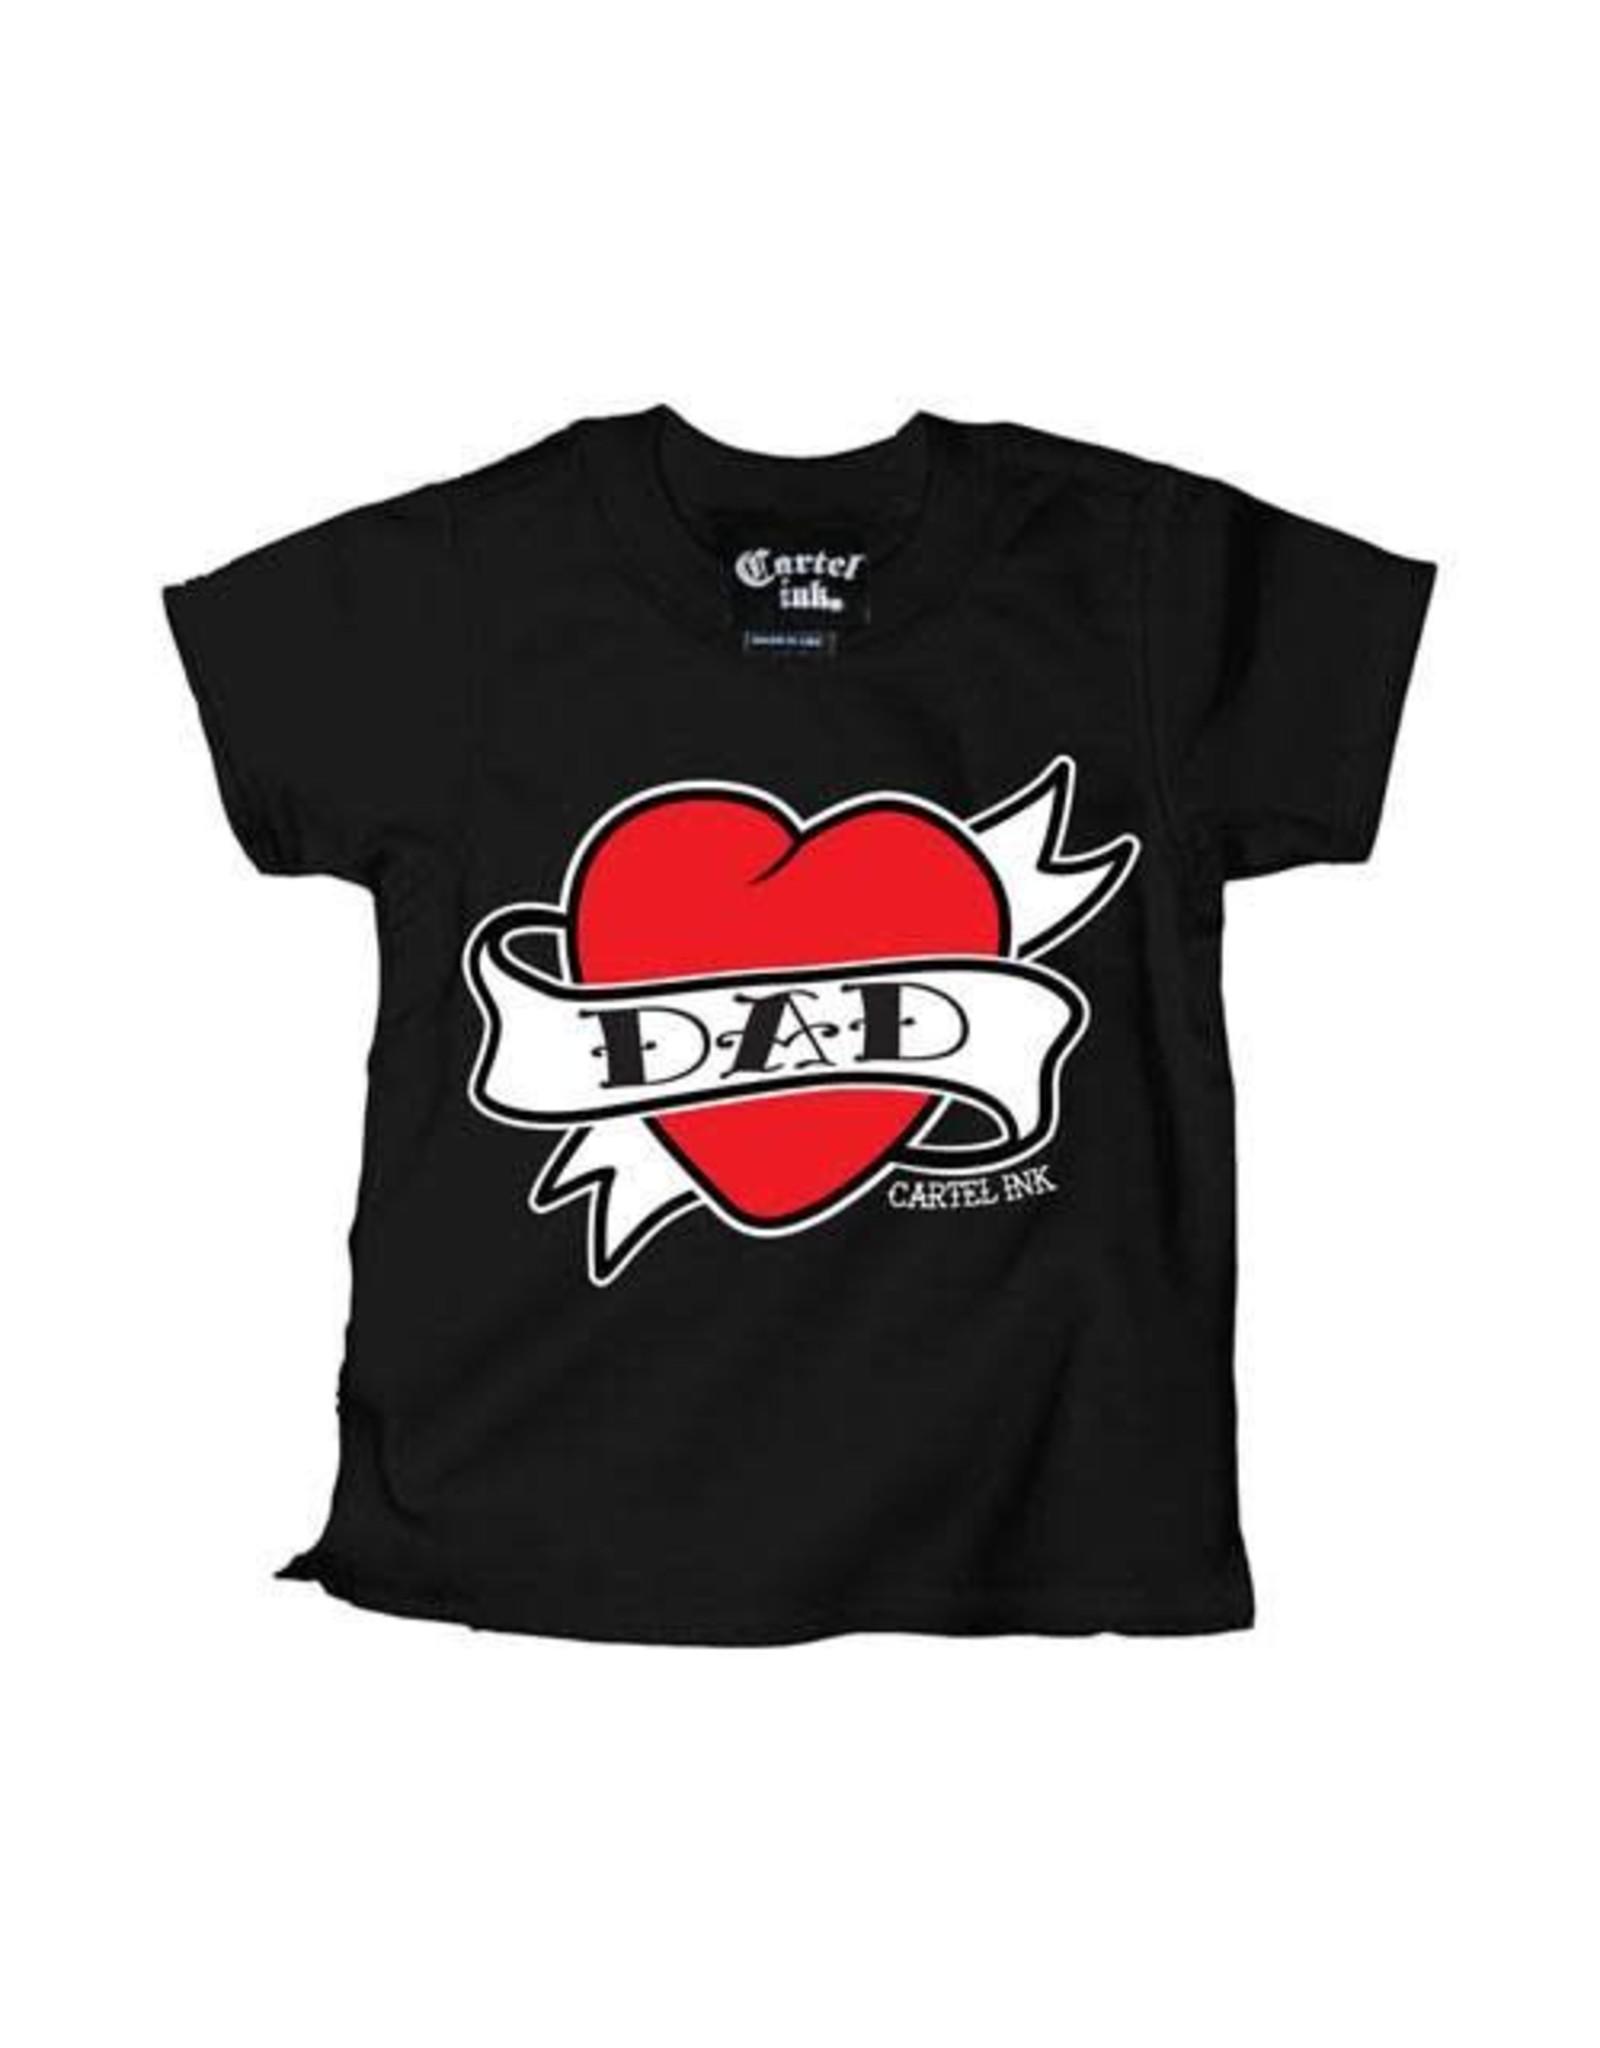 CARTEL INK - Dad Heart Tattoo Tee